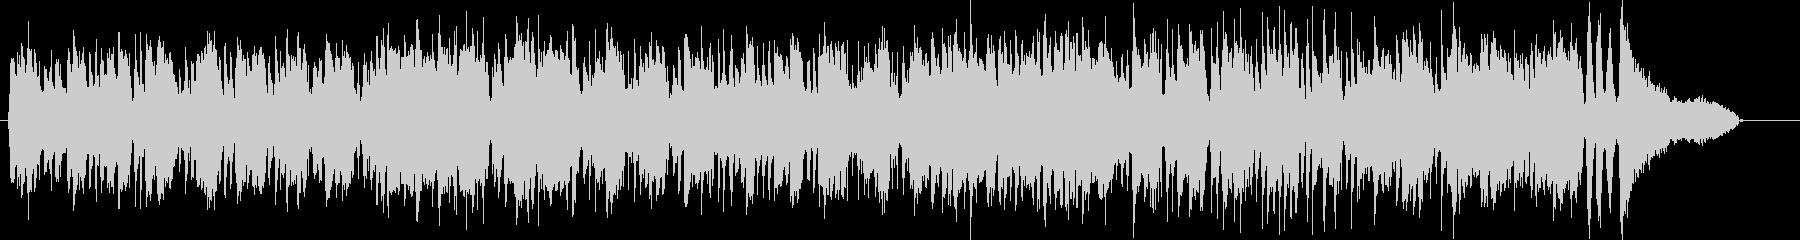 レコード/シンプル/ロック/ブルースの未再生の波形